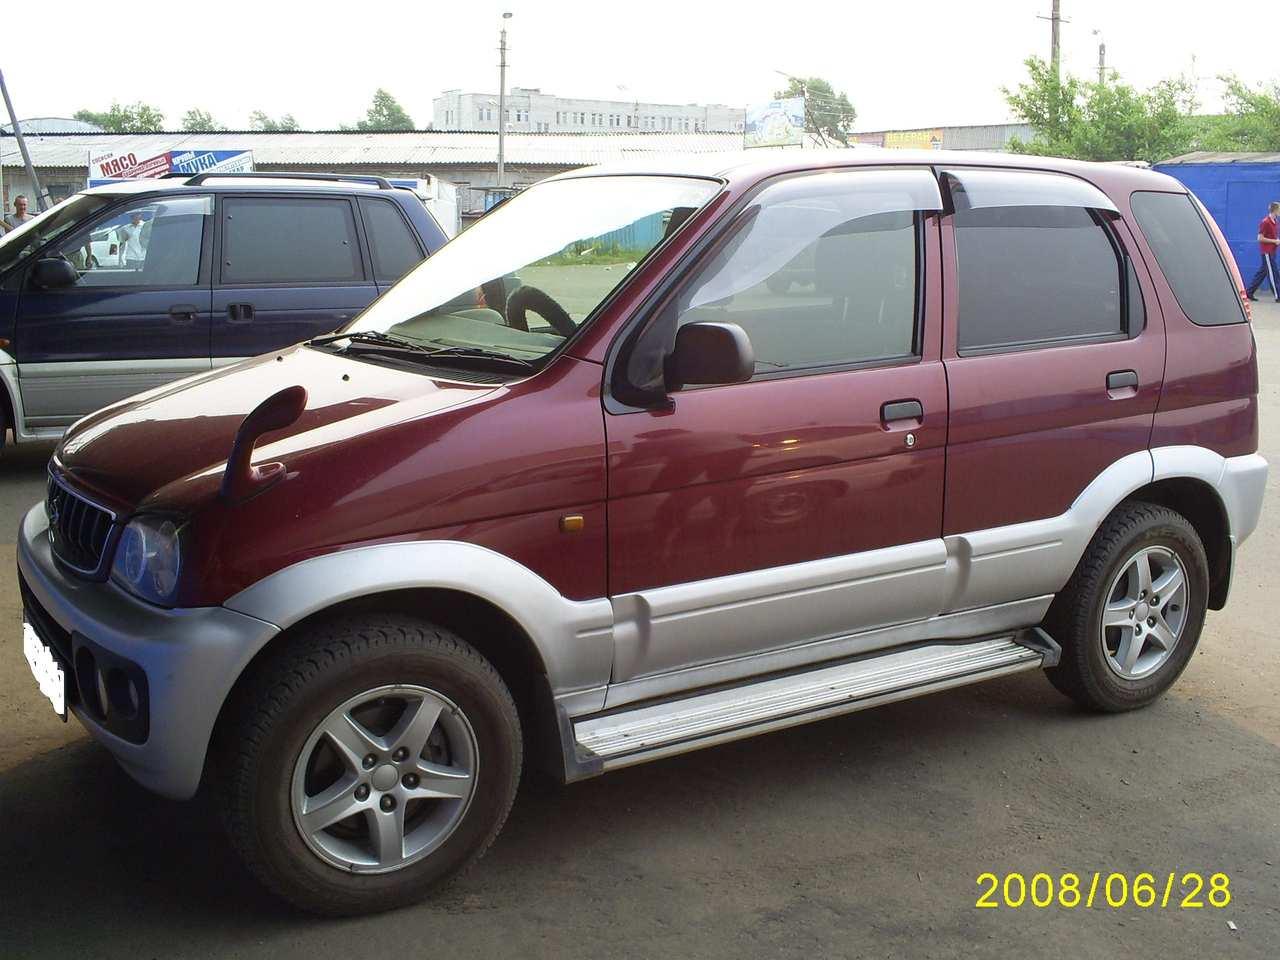 2001 Daihatsu Terios Pictures 1300cc Gasoline Fr Or Rr